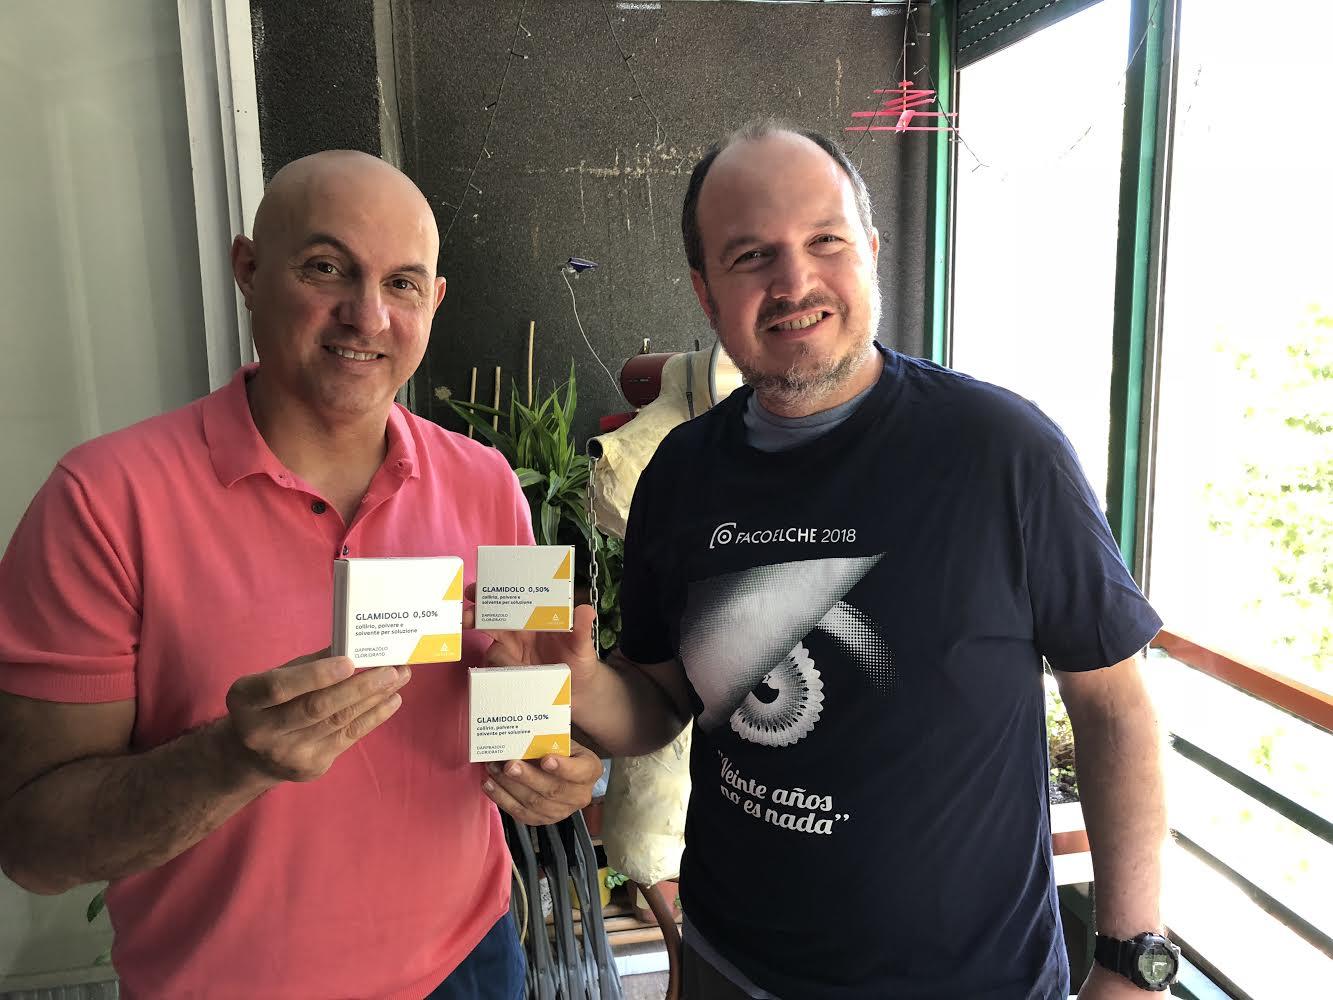 En la imagen el Dr. Jairo Hoyos y Dr. Nóe Rivero con el Glamidolo en Barcelona antes de viajar a Argentina.